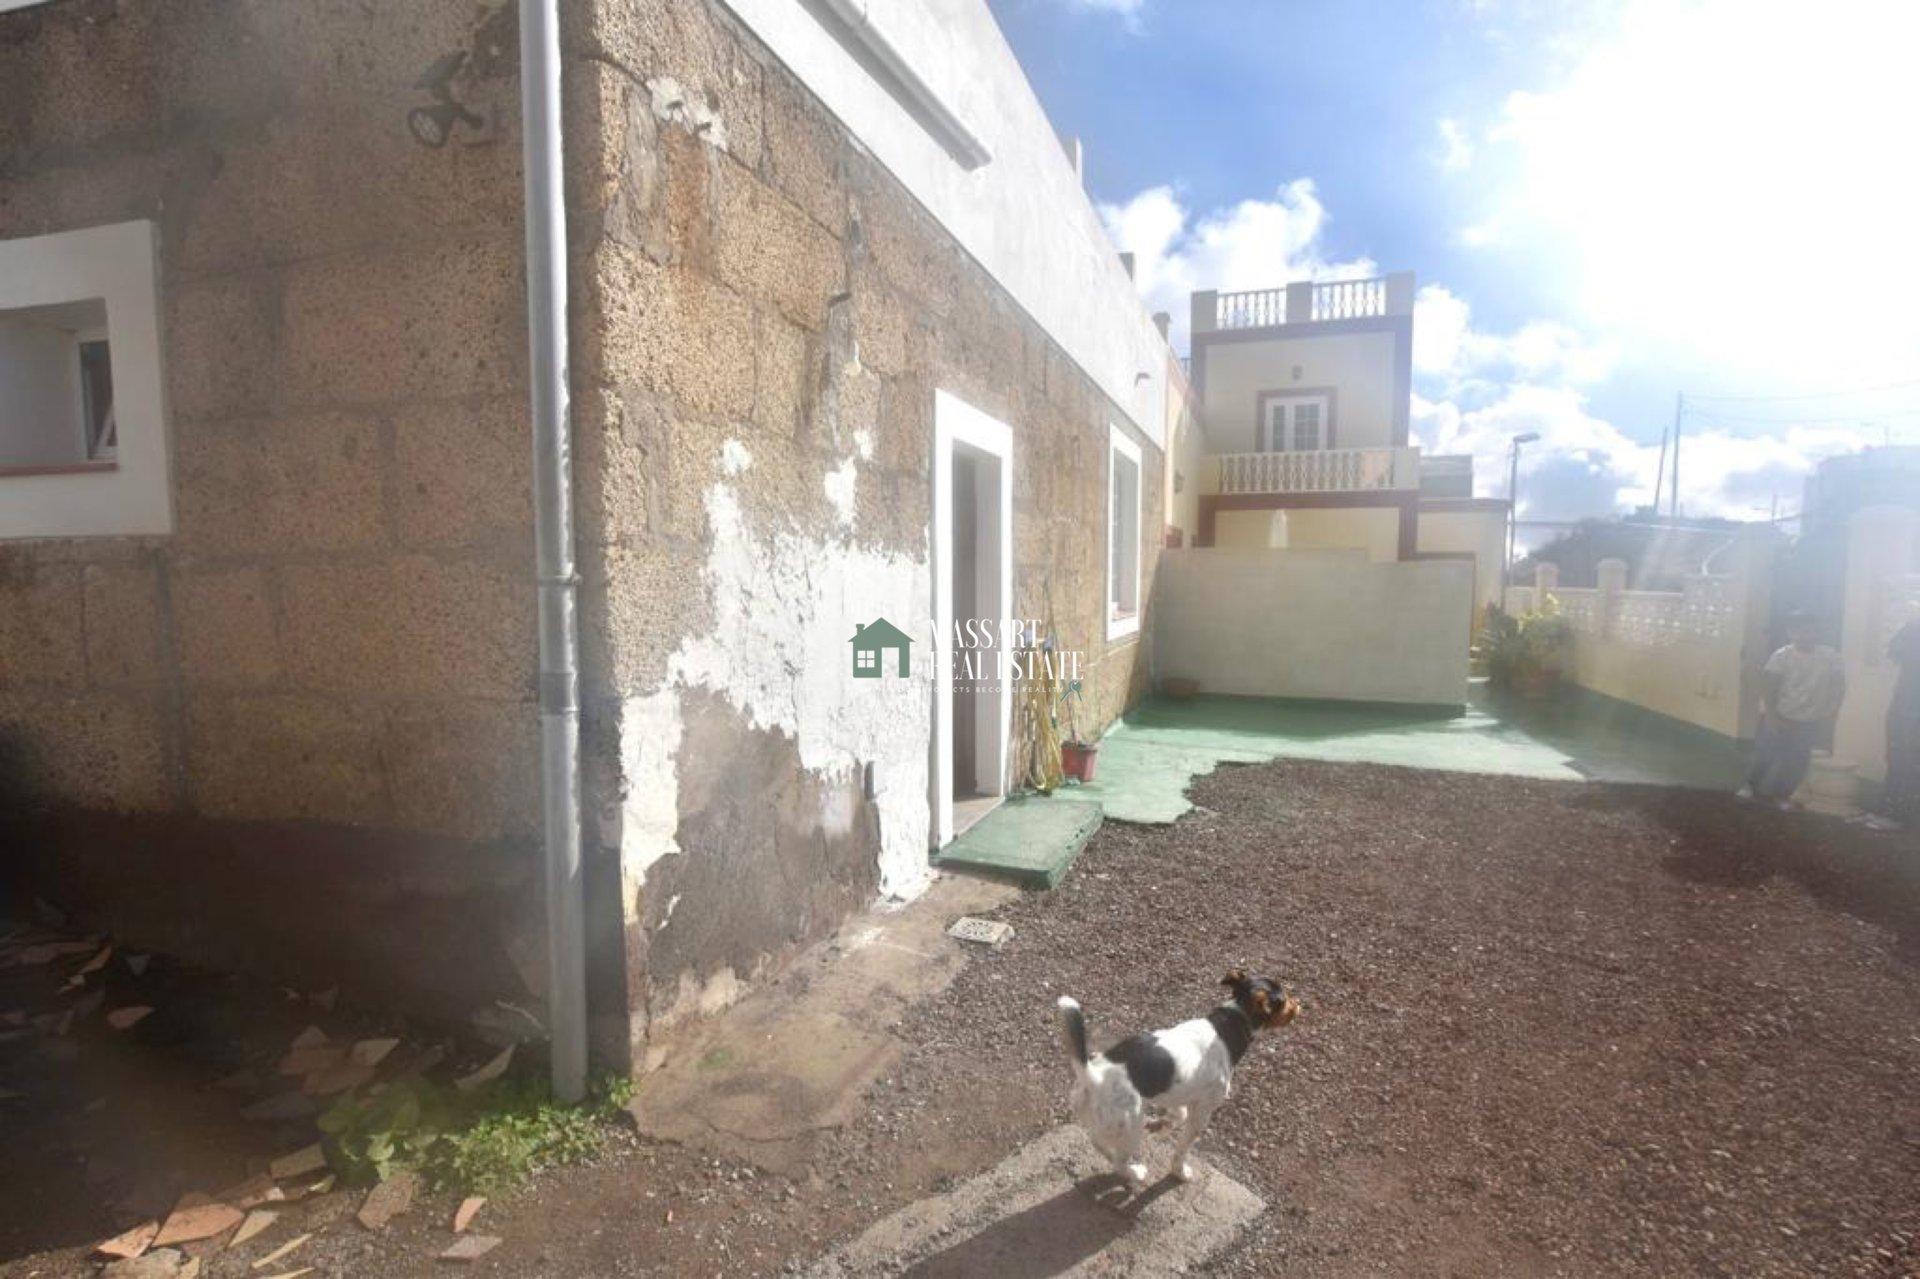 Casa tipo loft de 100 m2 ubicada en una parcela de 300 m2 en Granadilla de Abona…¡a la espera de ser terminada y personalizada a tu gusto!